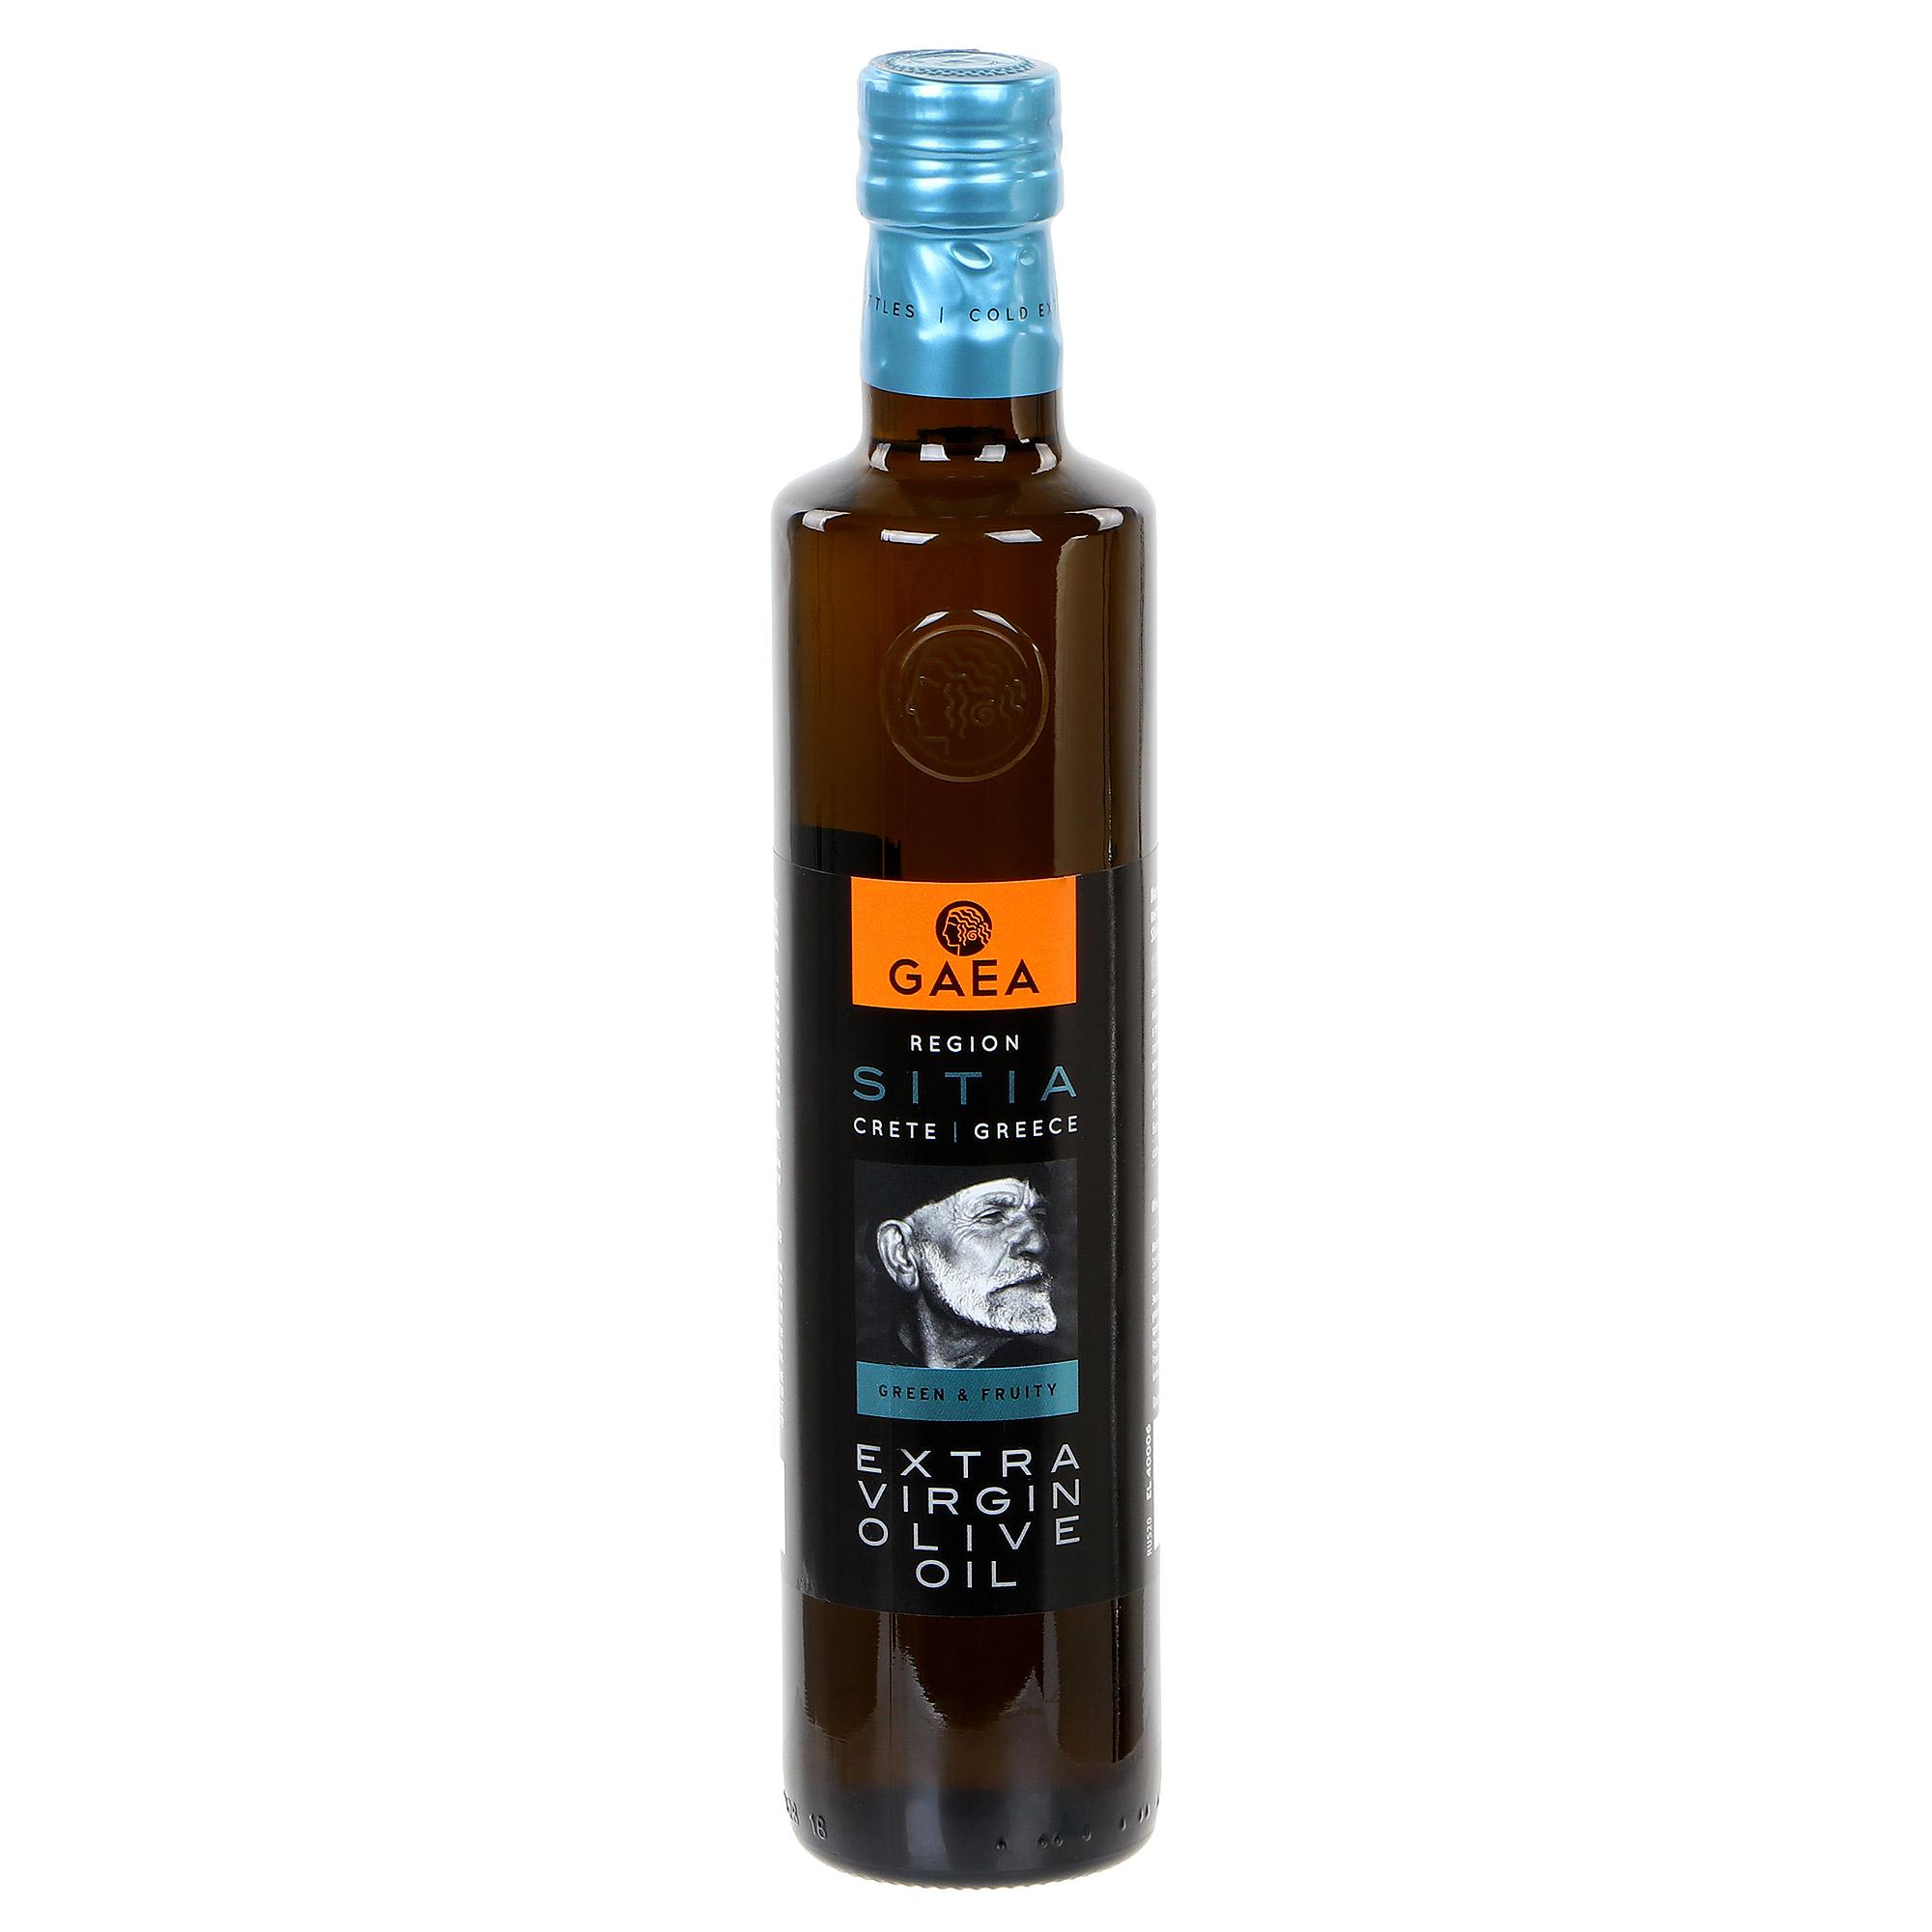 оливковое масло sitia extra virgin в жестяной банке 3 л греция Масло оливковое Gaea Sitia Extra Virgin 500 мл